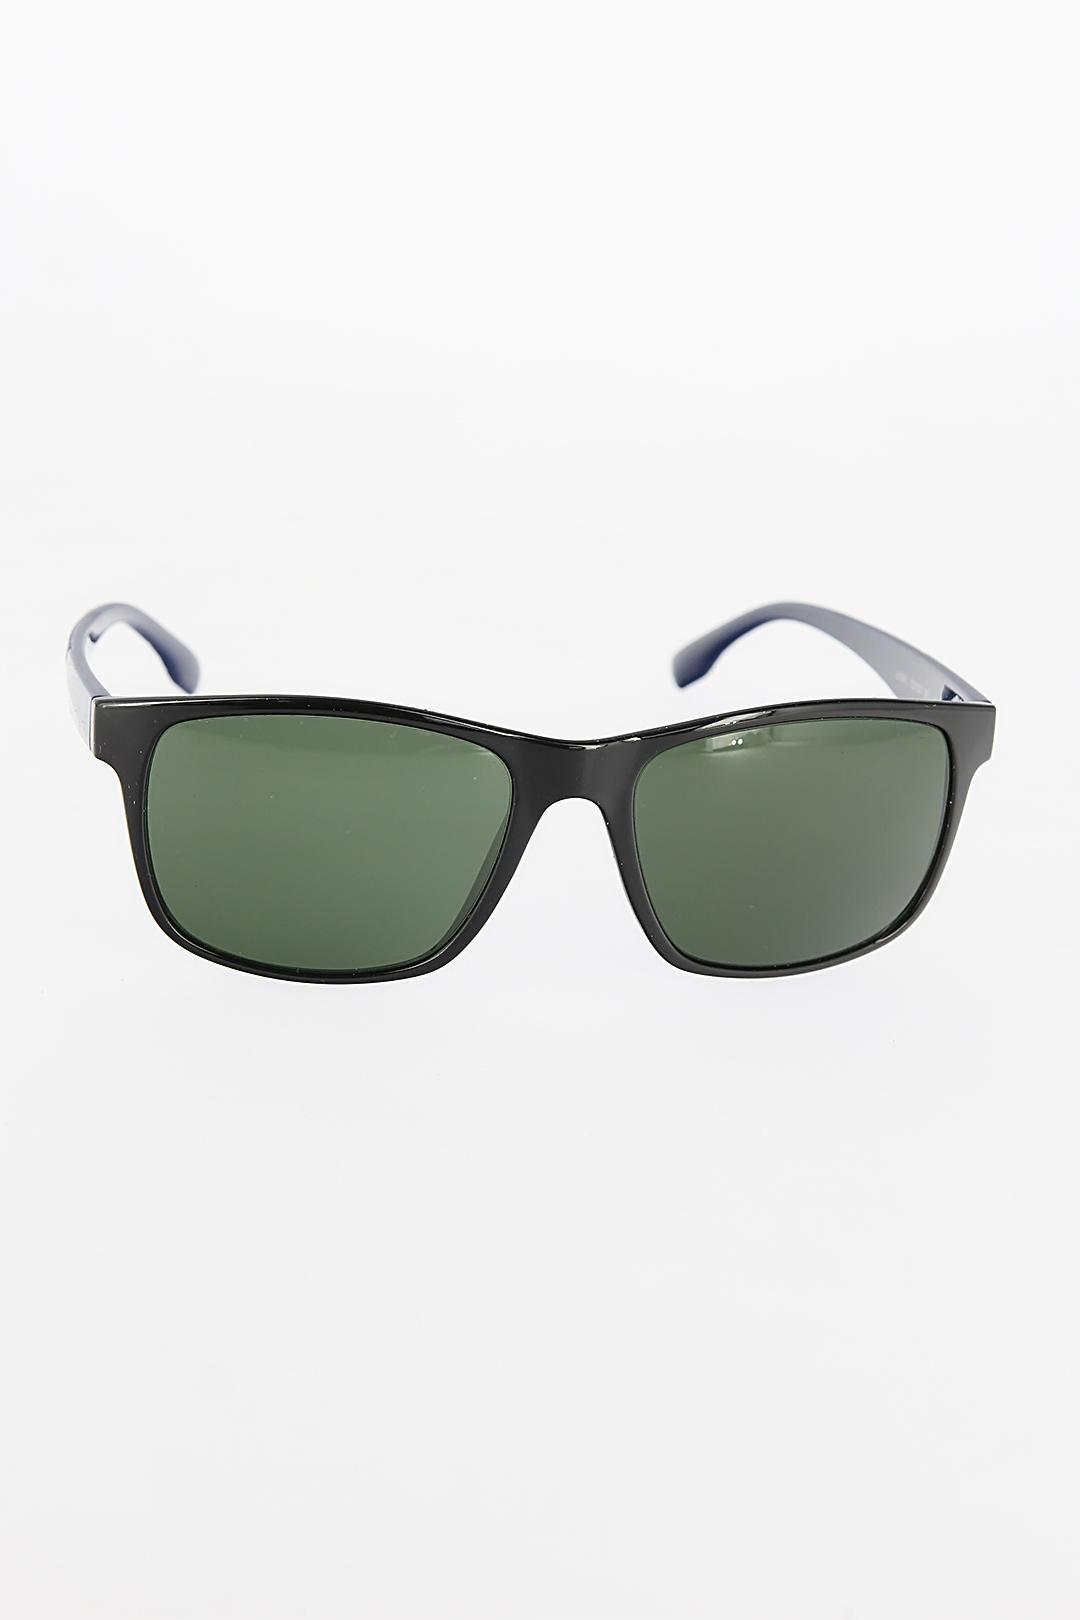 Siyah Dikdörtgen Yeşil Renk Camlı Çerçeveli Erkek Güneş Gözlüğü